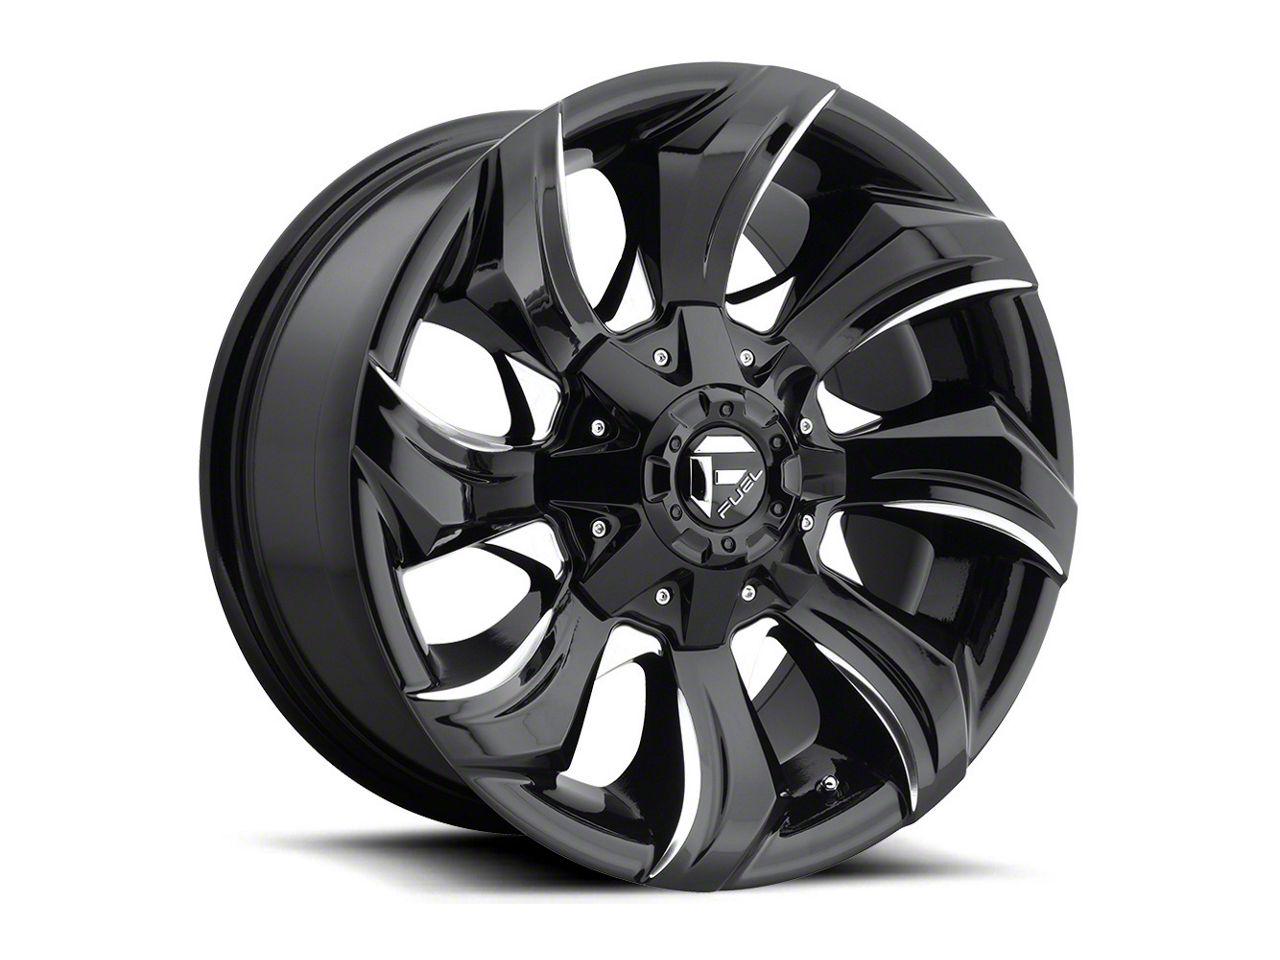 Fuel Wheels STRYKR Gloss Black Milled 6-Lug Wheel - 20x10 (99-18 Silverado 1500)